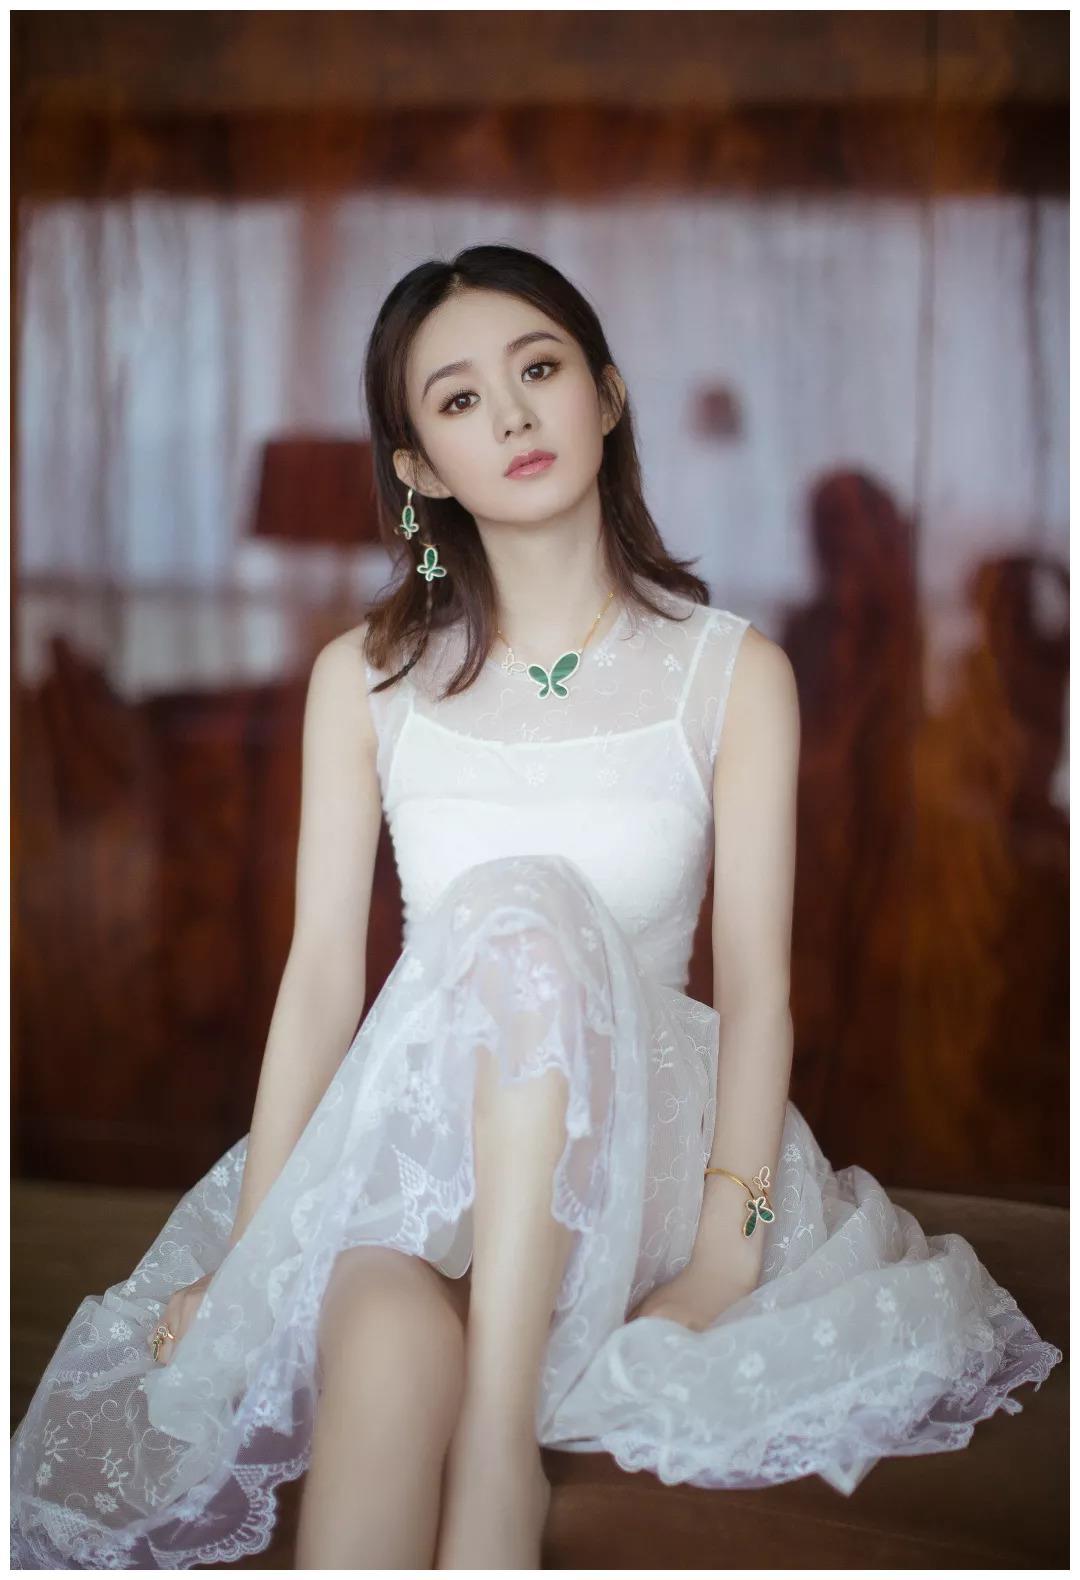 赵丽颖儿子不是冯绍峰亲生的?两人早已偷偷离婚?